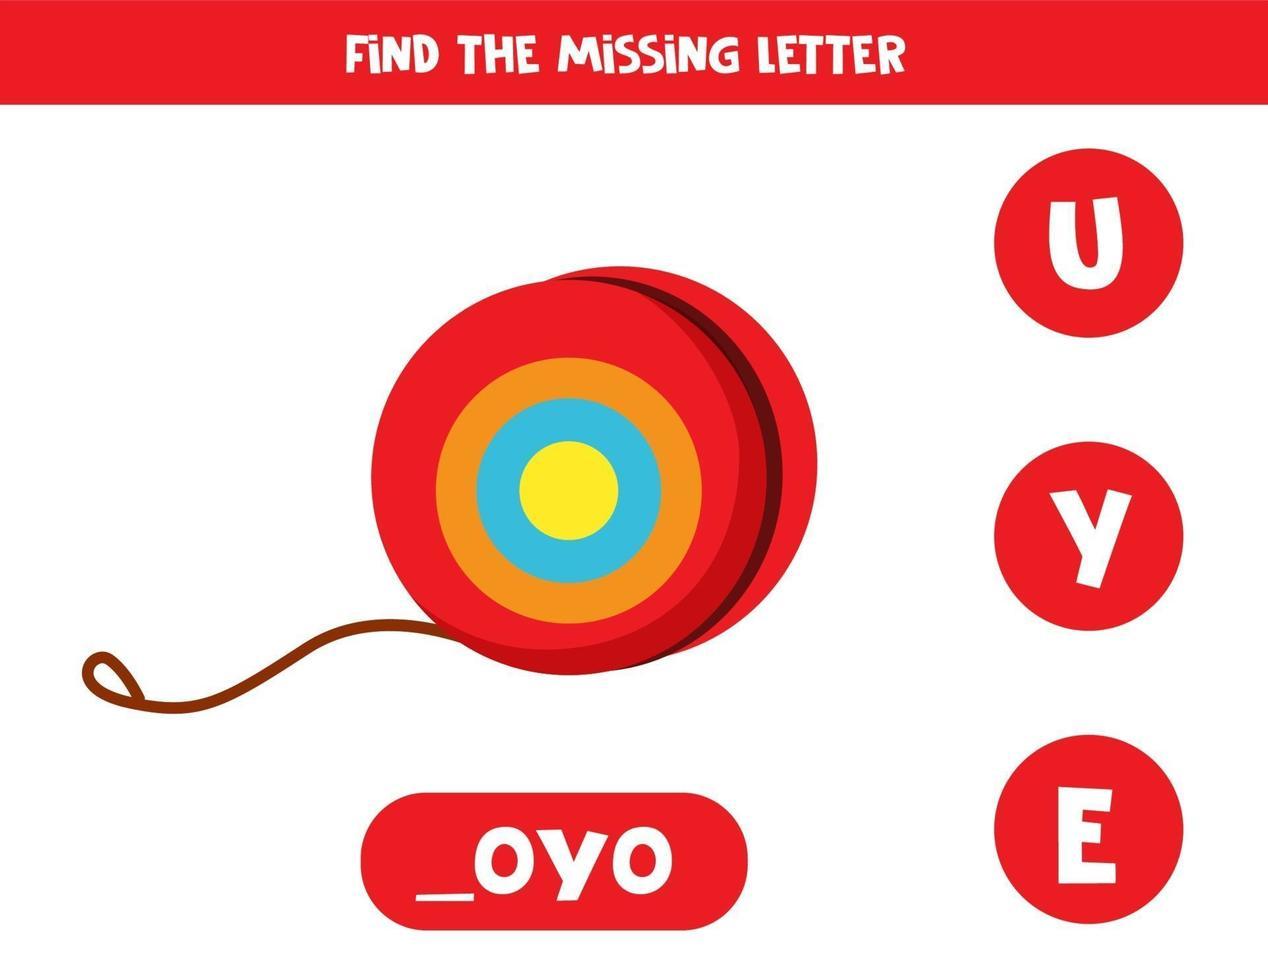 hitta saknade brev med söt tecknad yoyo. vektor